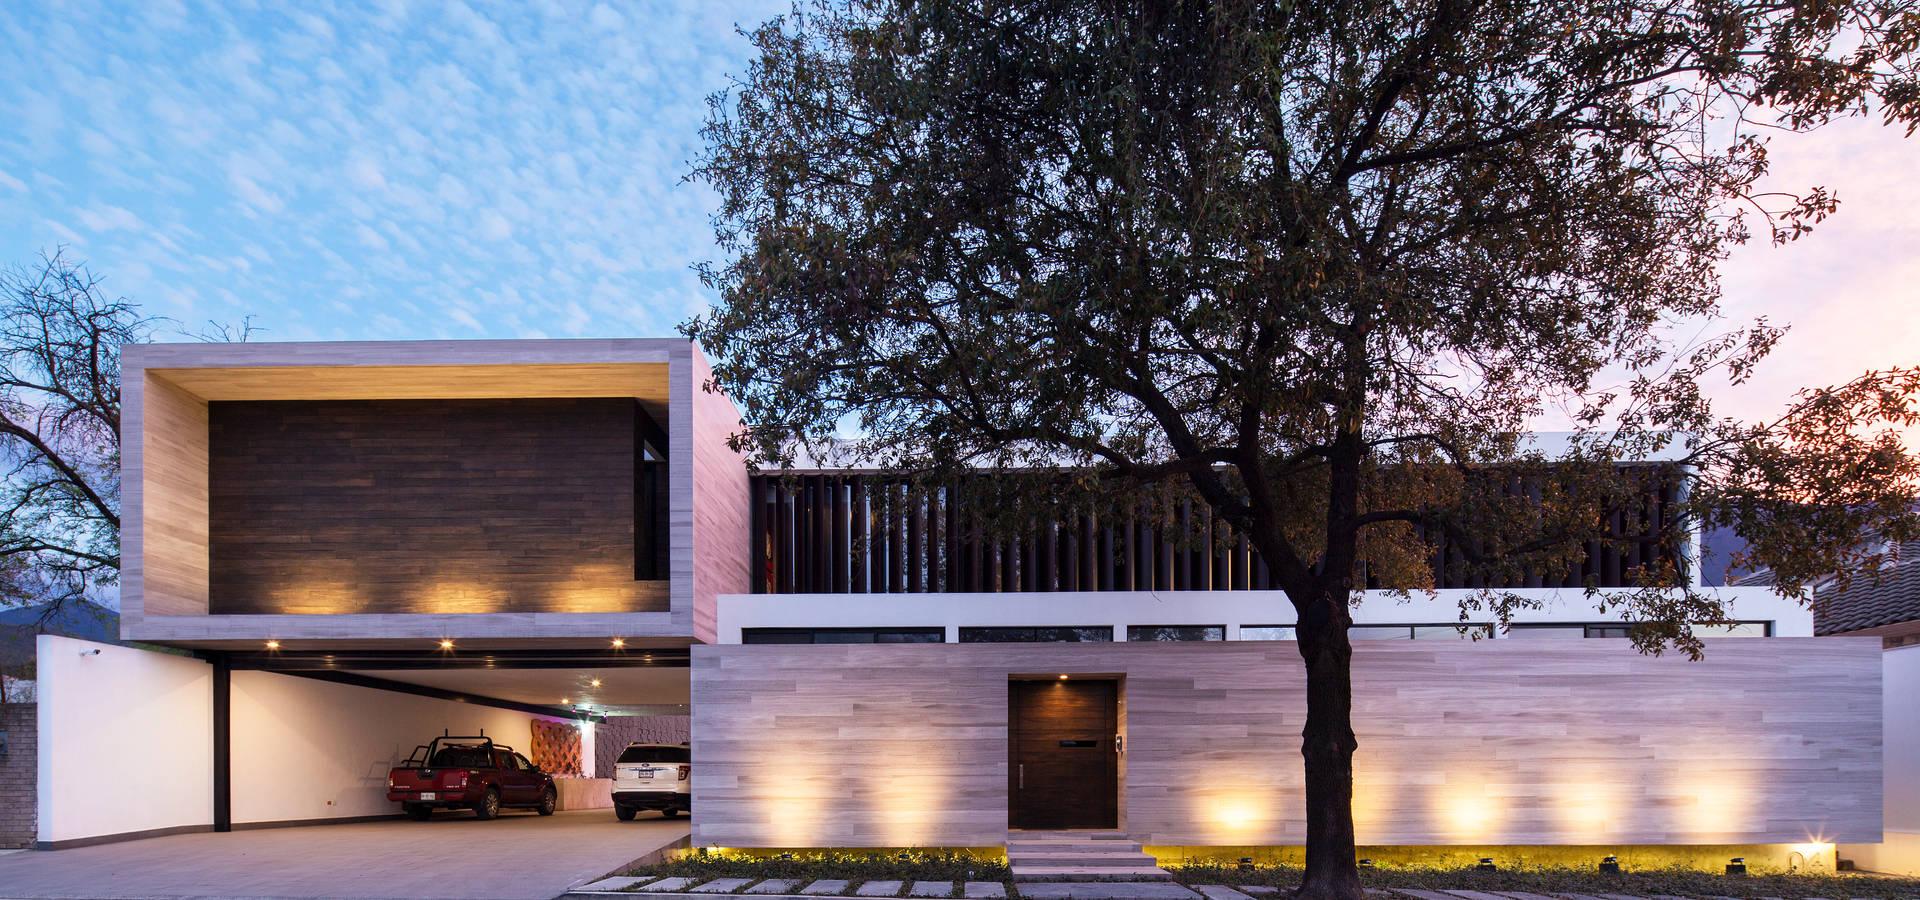 WRKSHP arquitectura/urbanismo